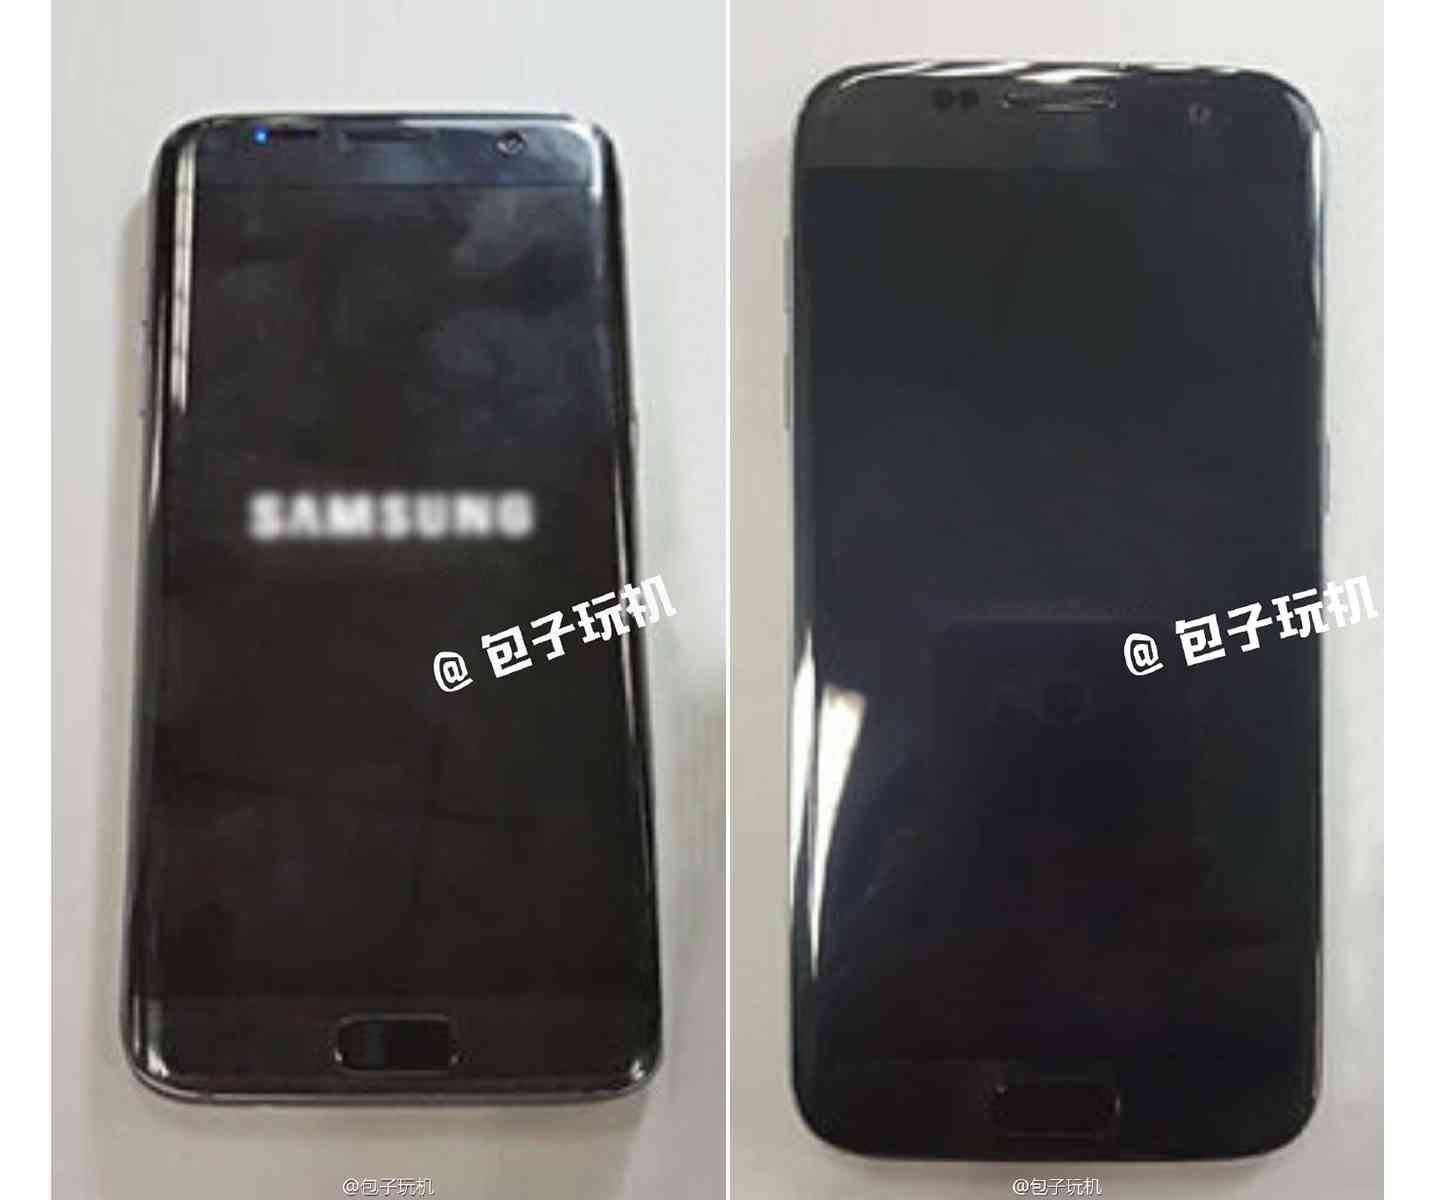 Samsung Galaxy S7 edge hands-on photos